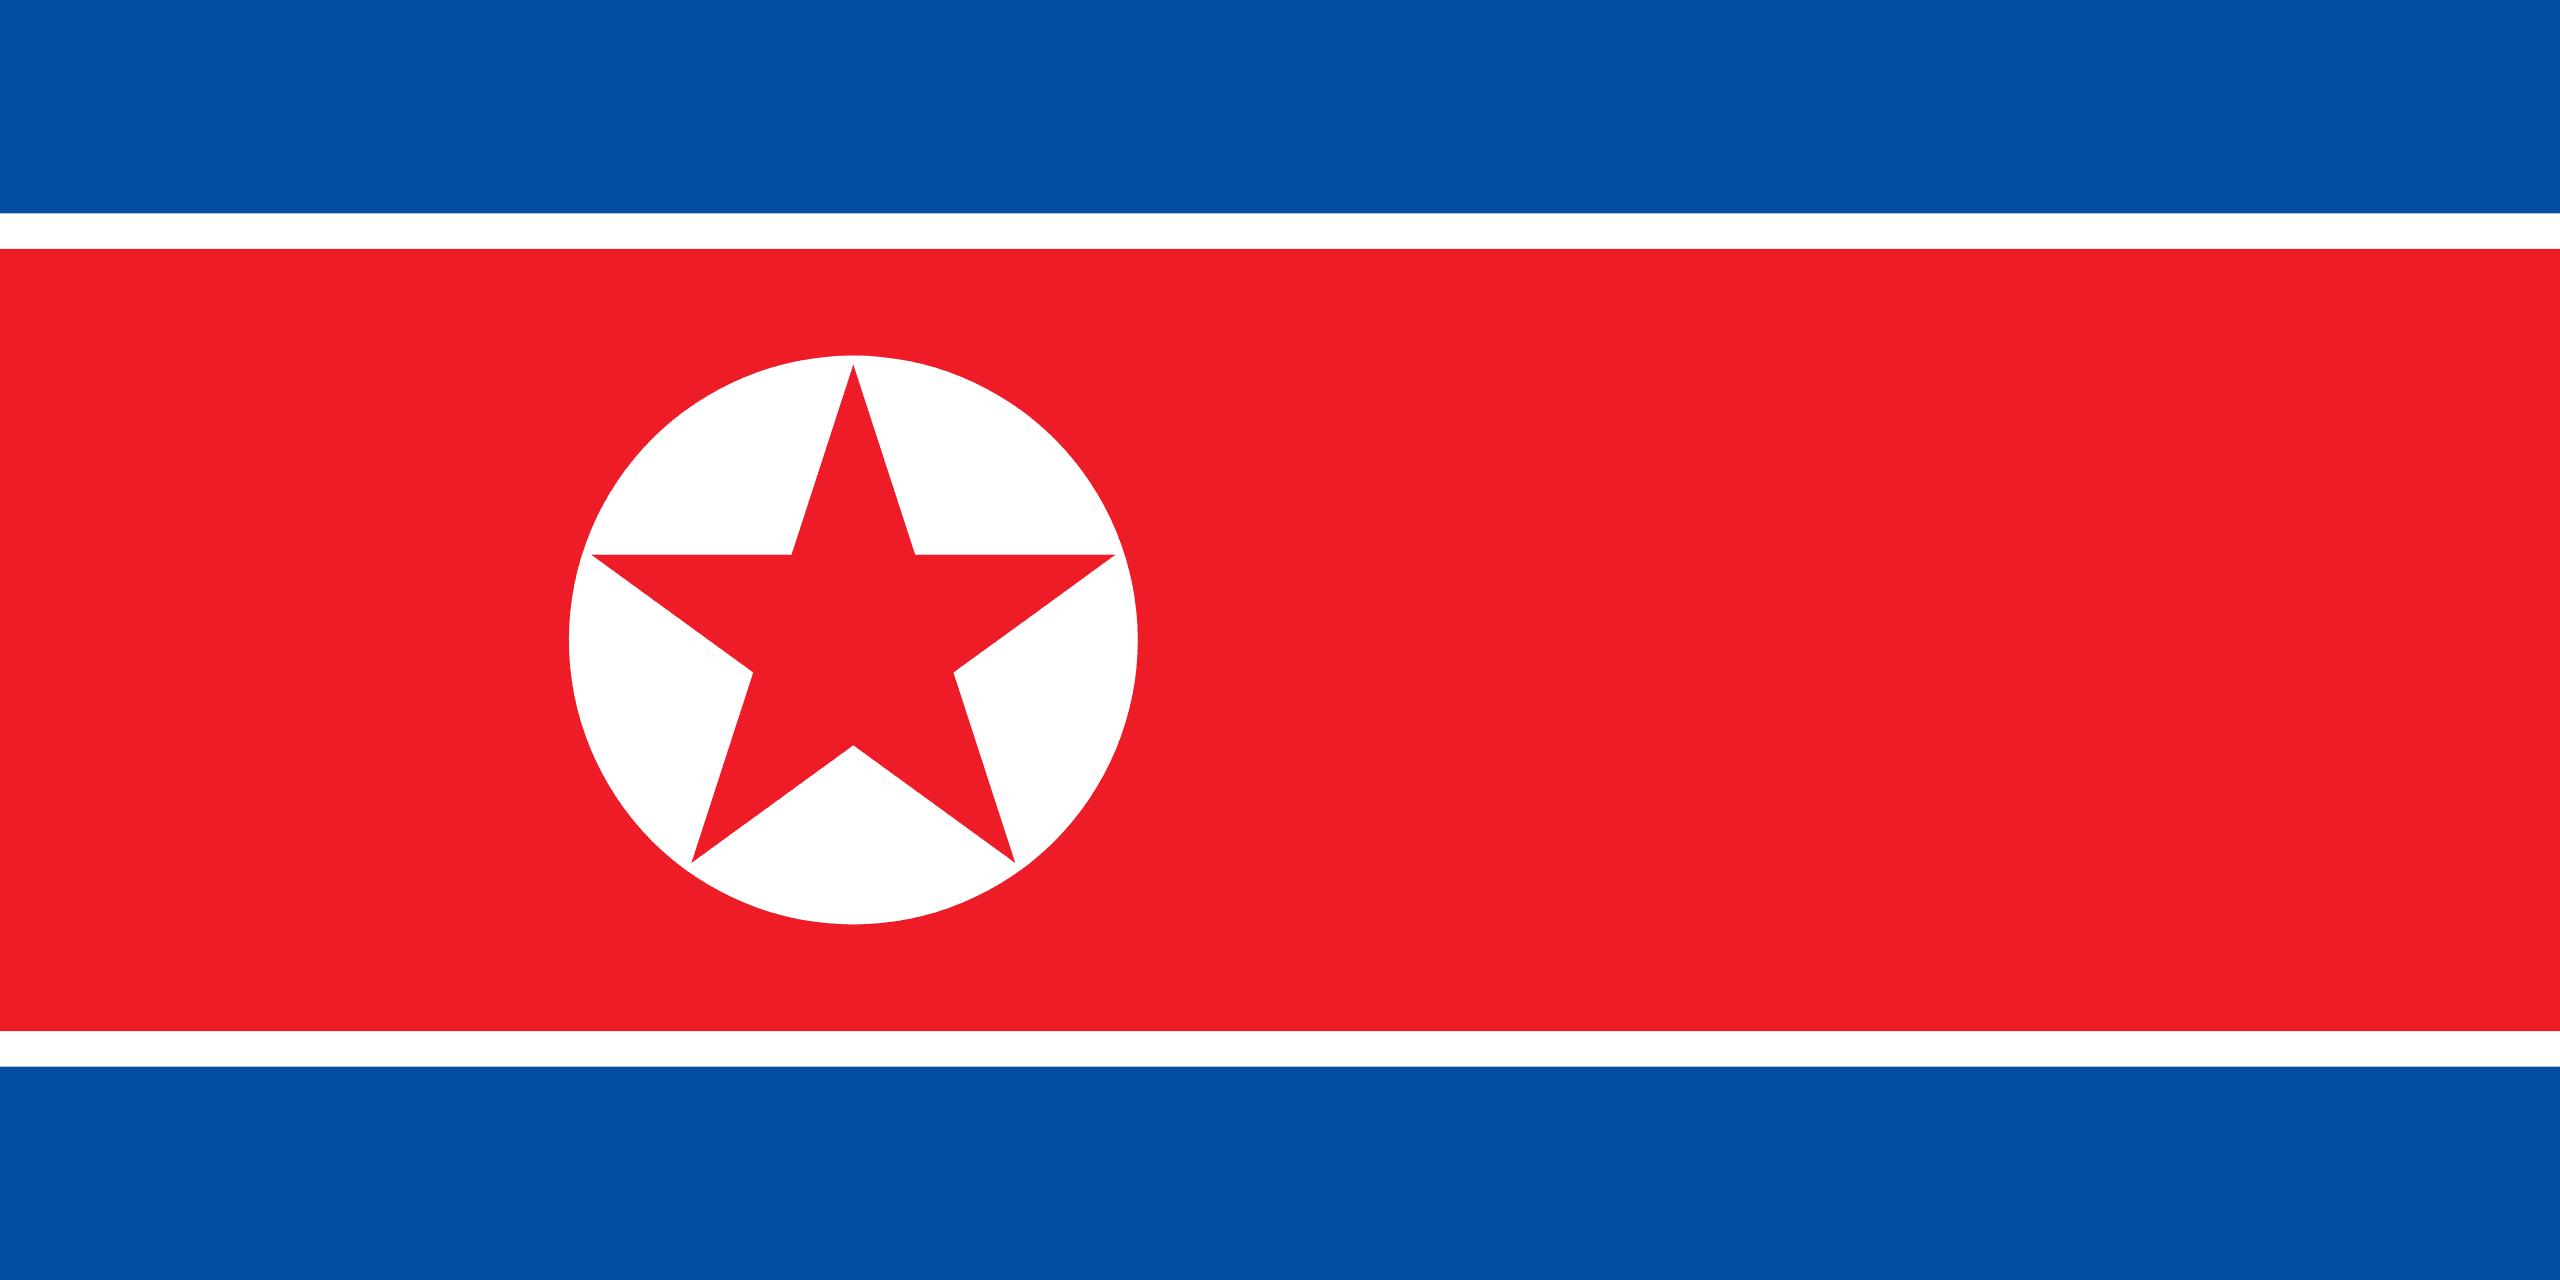 Σημαία Βόρειας Κορέας